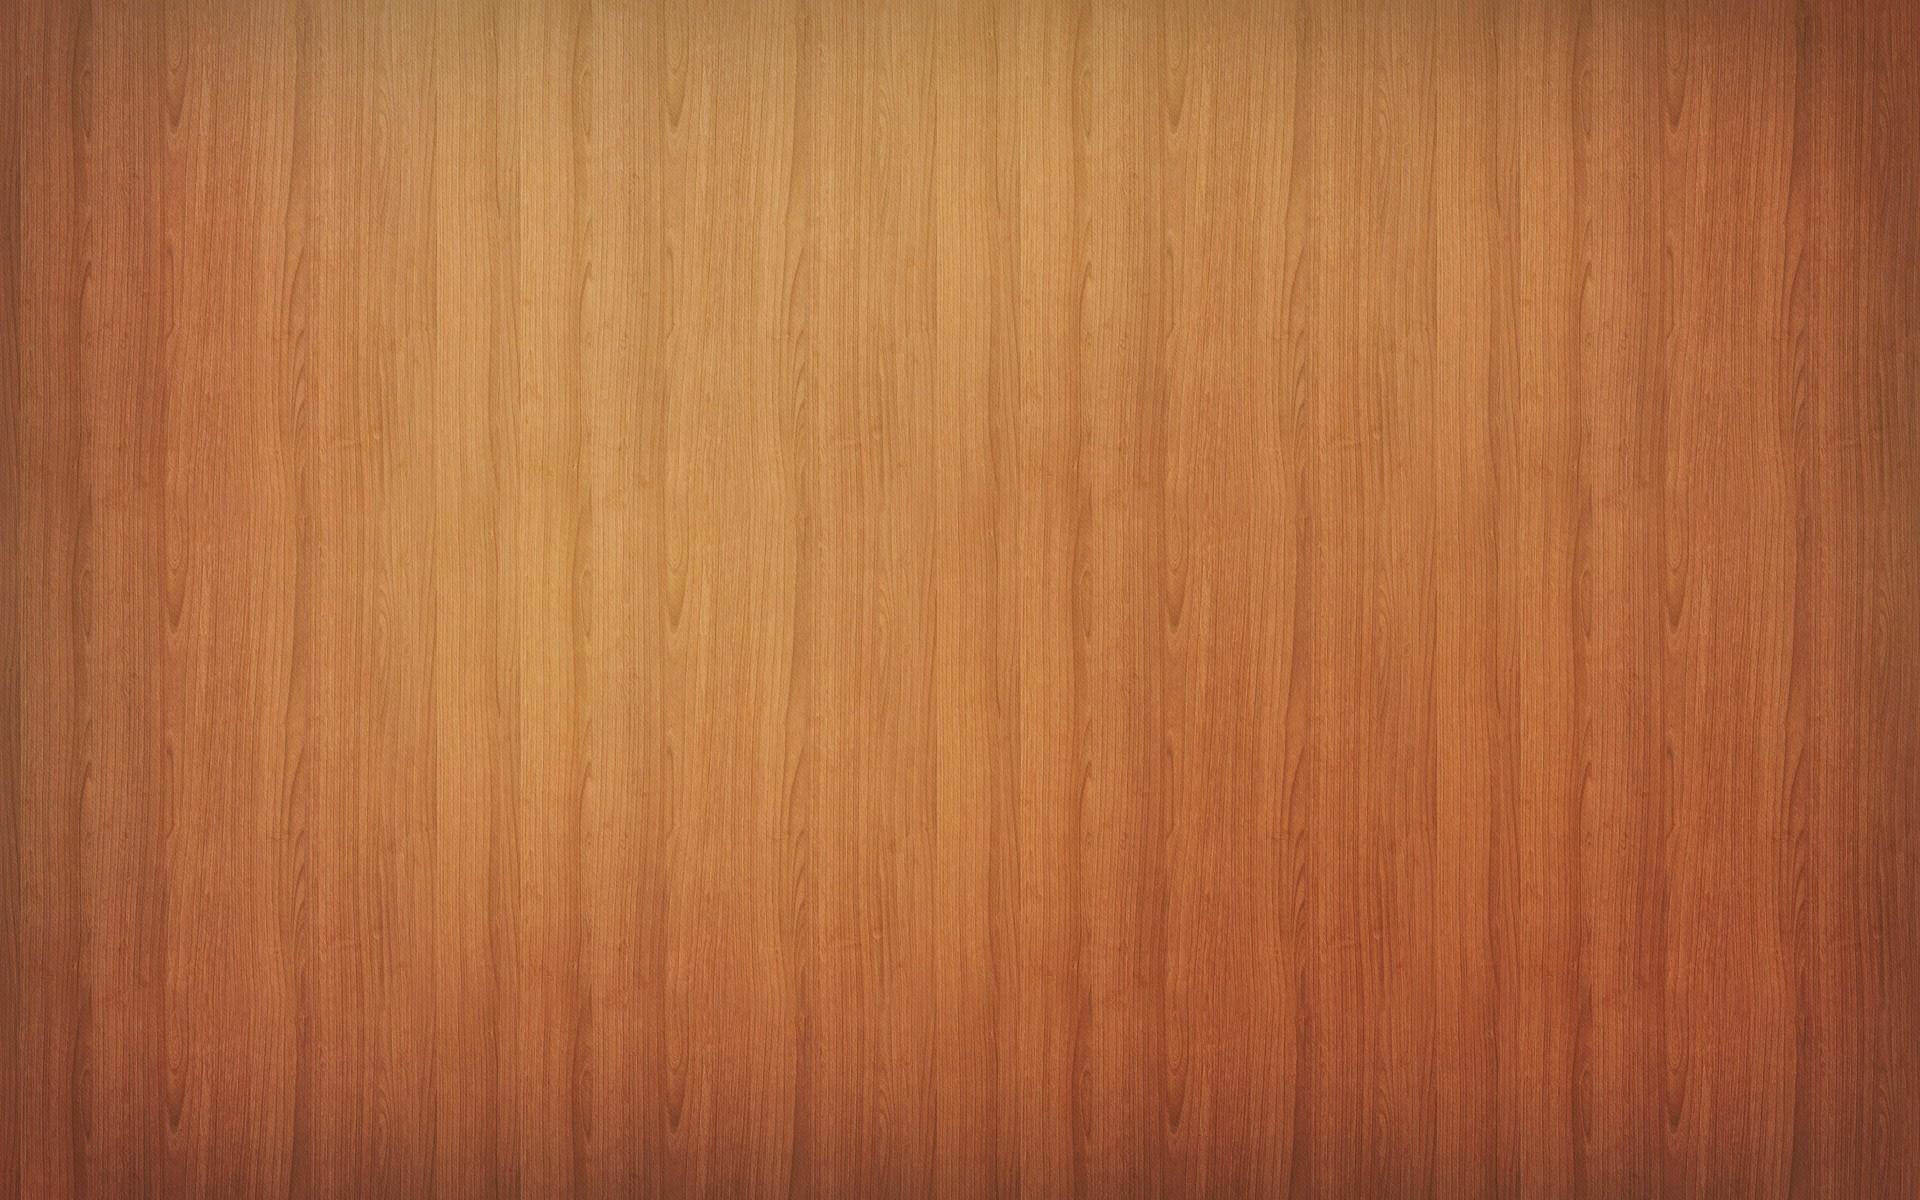 Minimalistic Wood Wallpaper 1920x1200 Minimalistic Wood 1920x1200